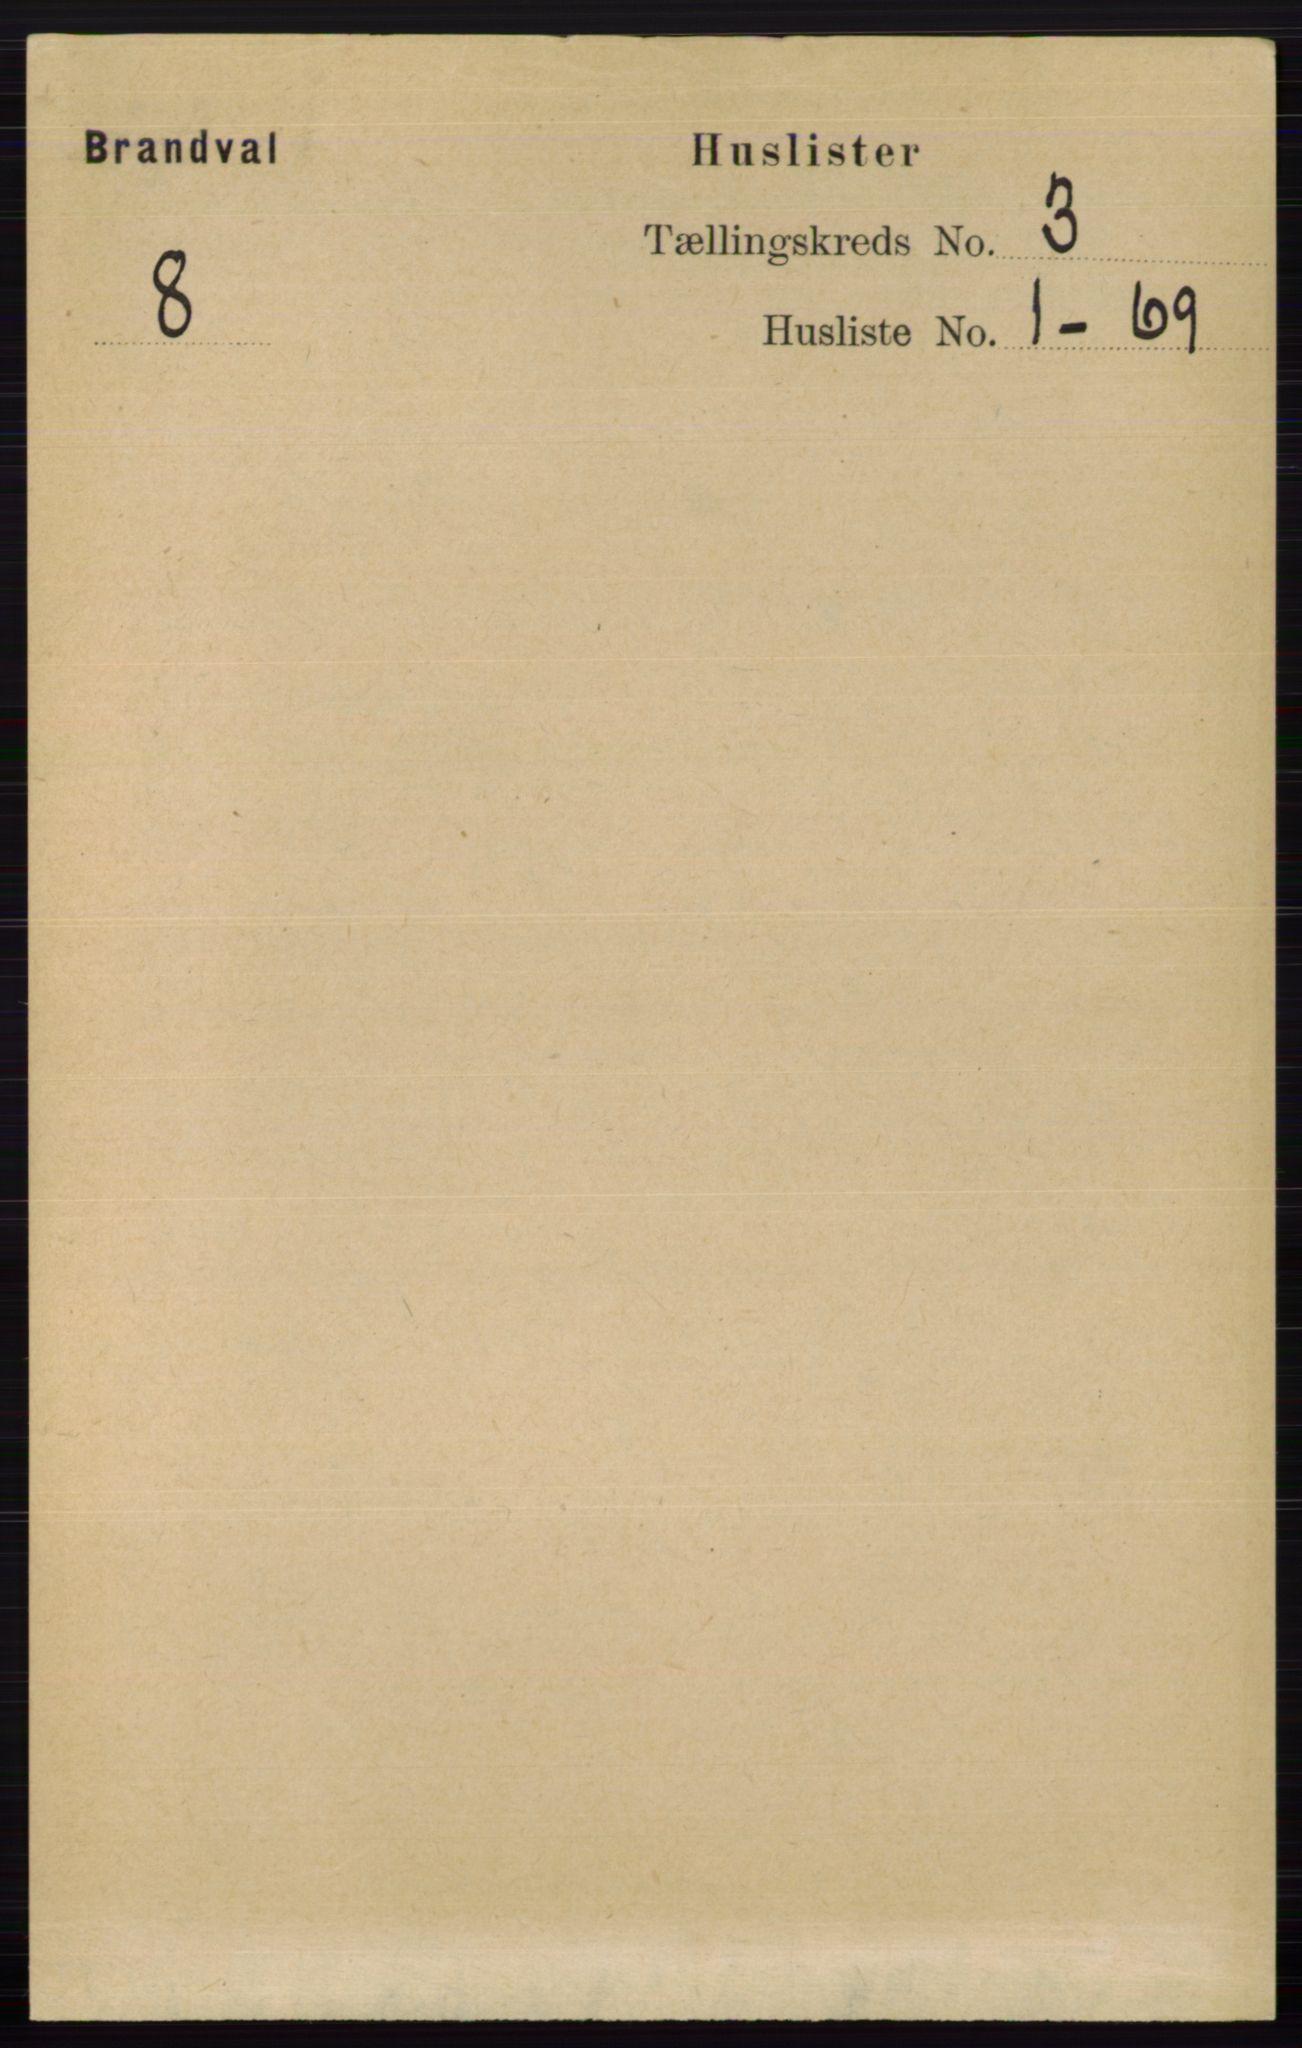 RA, Folketelling 1891 for 0422 Brandval herred, 1891, s. 1159